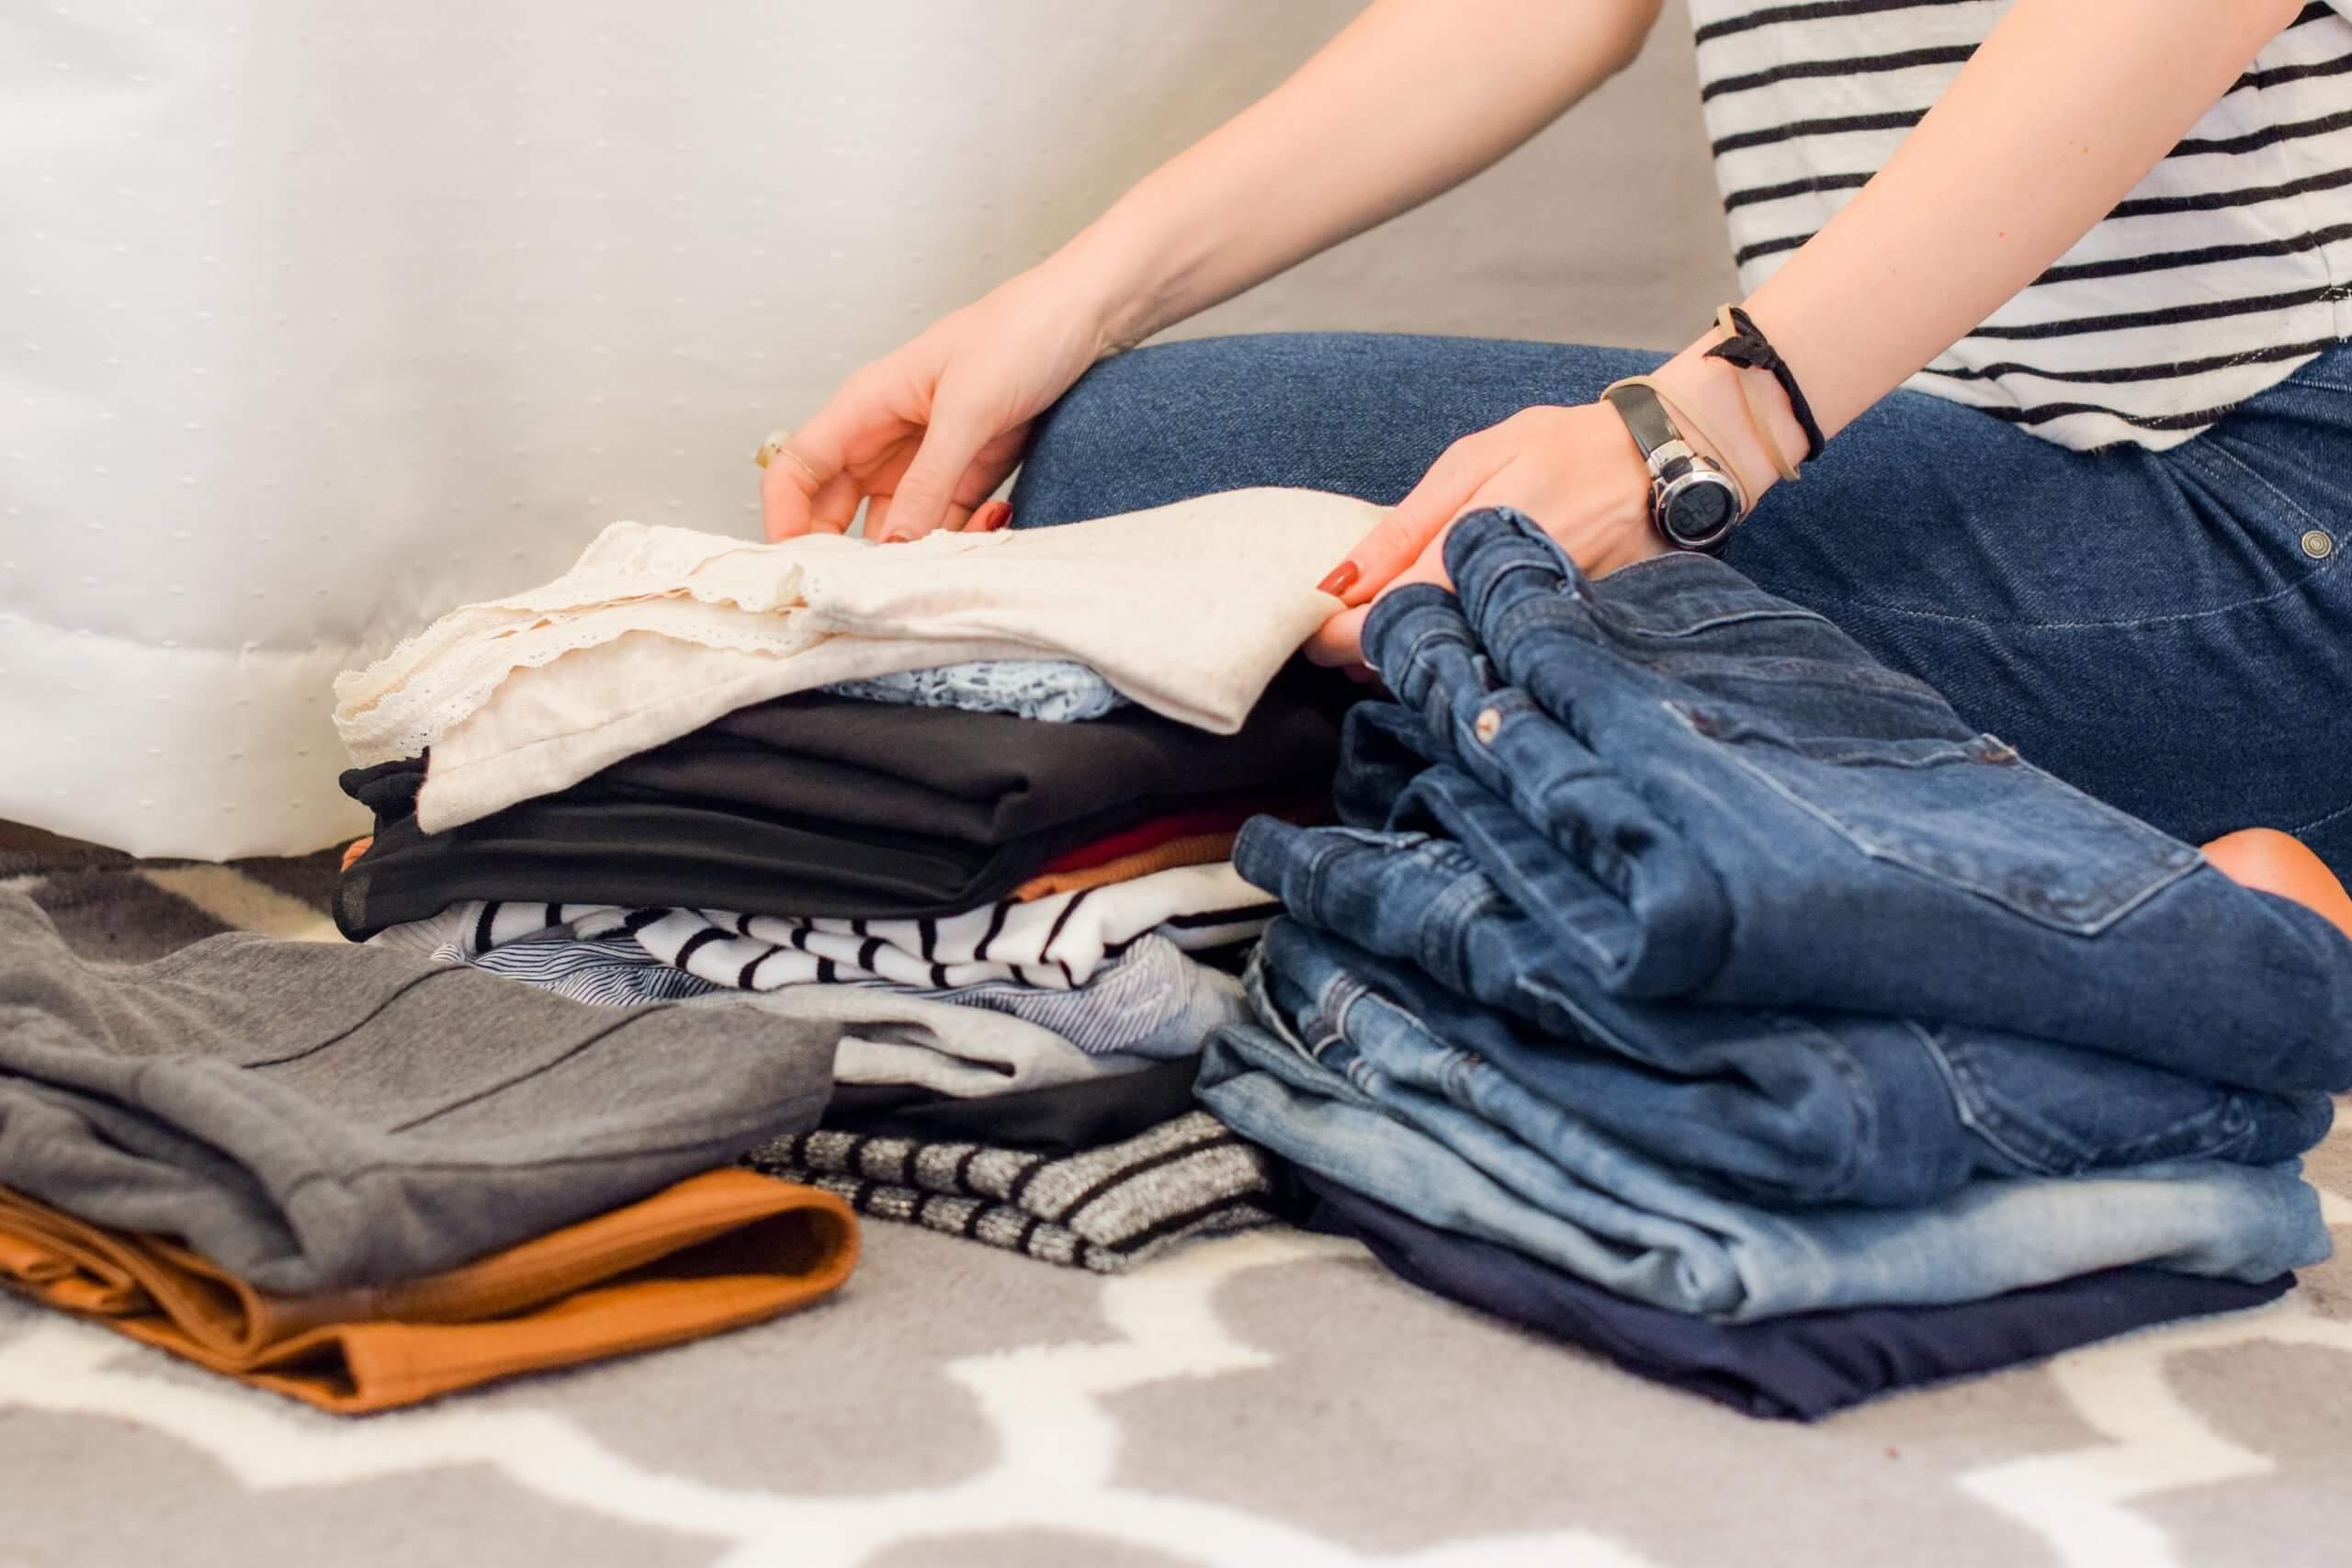 mulher a dobrar roupa em montes de roupa dobrada